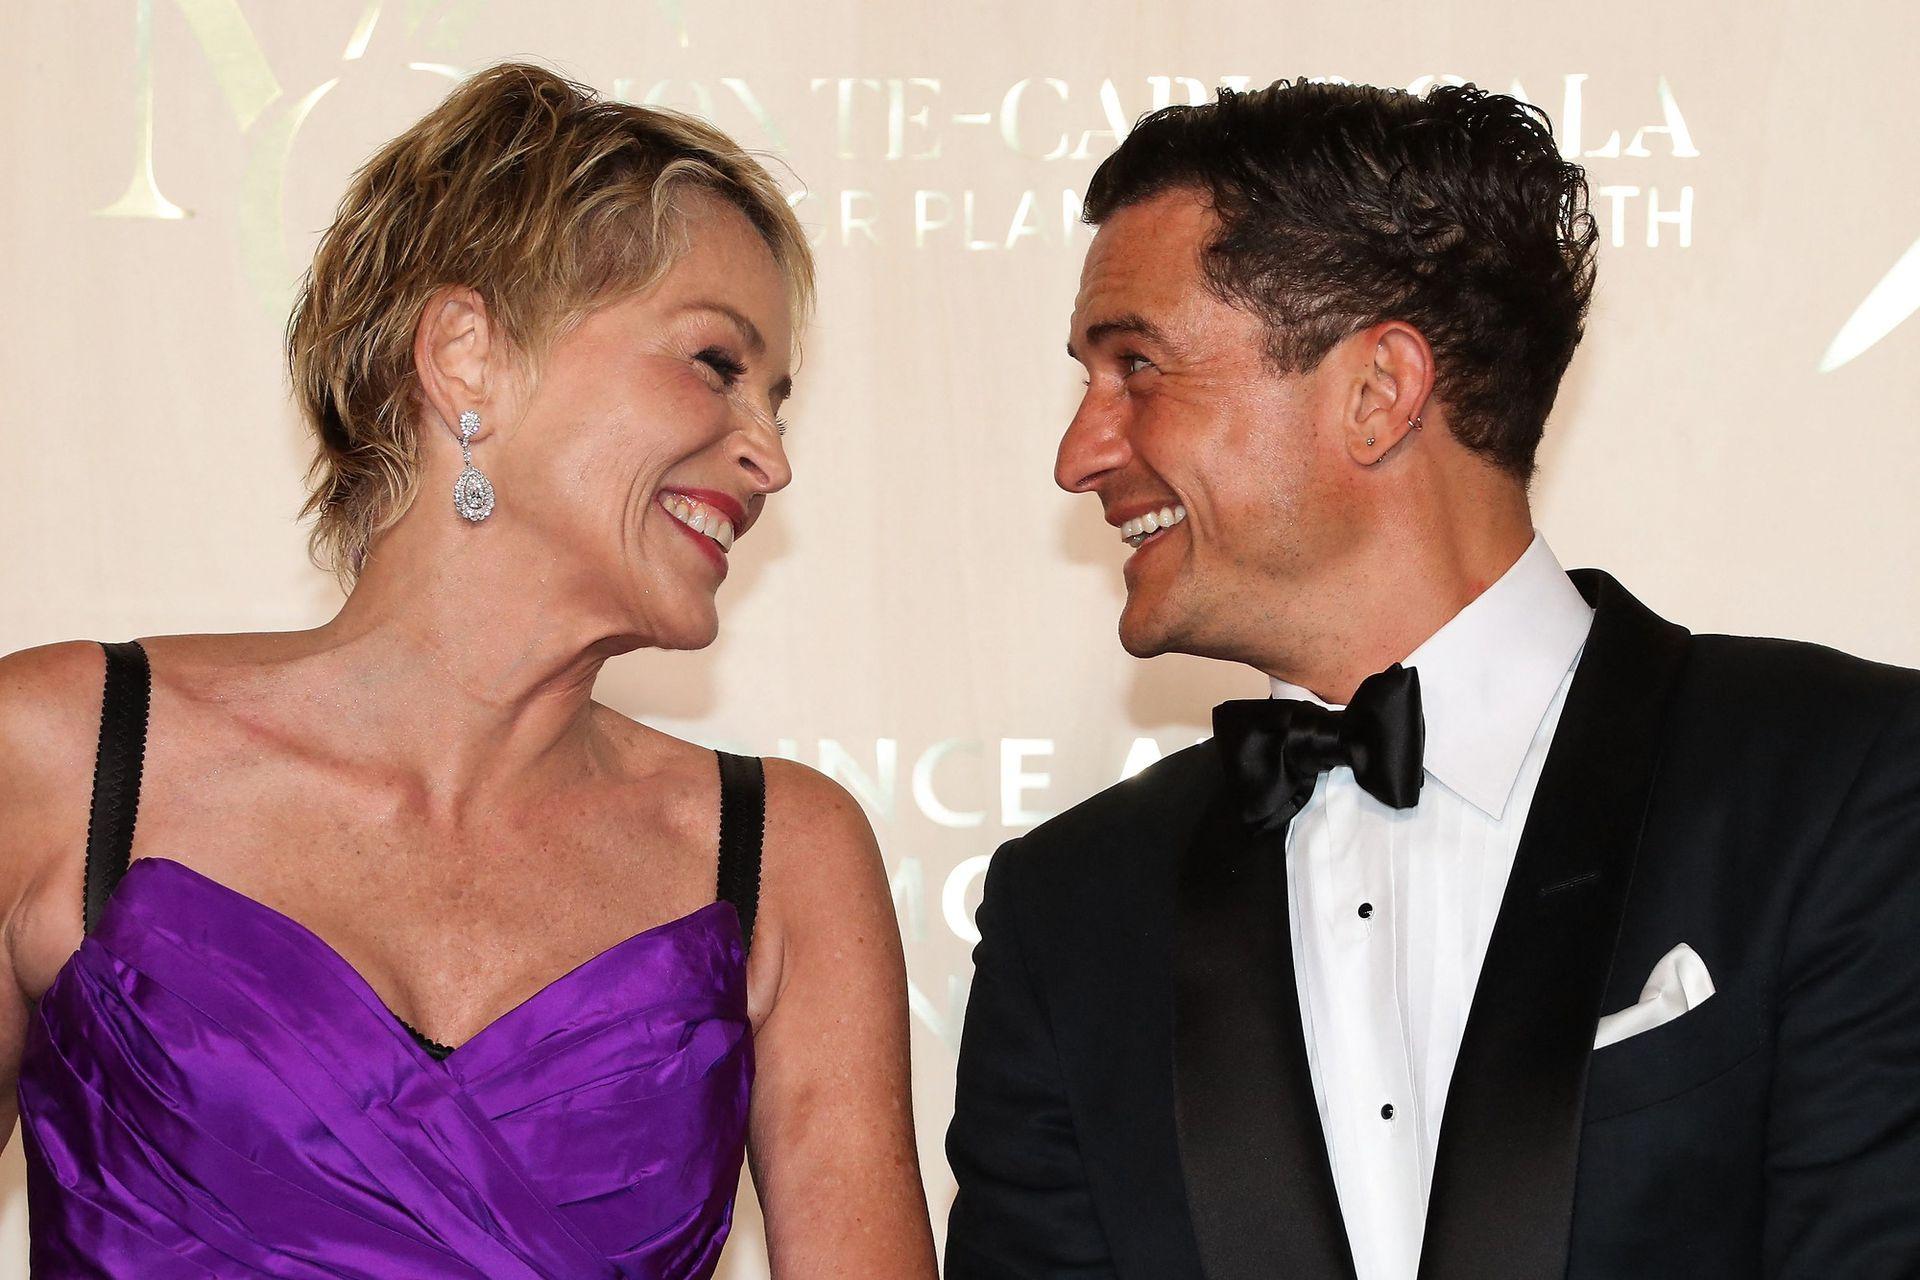 ¿De qué se ríen? Sharon Stone y Orlando Bloom, durante una sesión de fotos previa a la Gala de Montecarlo para la Salud del Planeta, en Mónaco